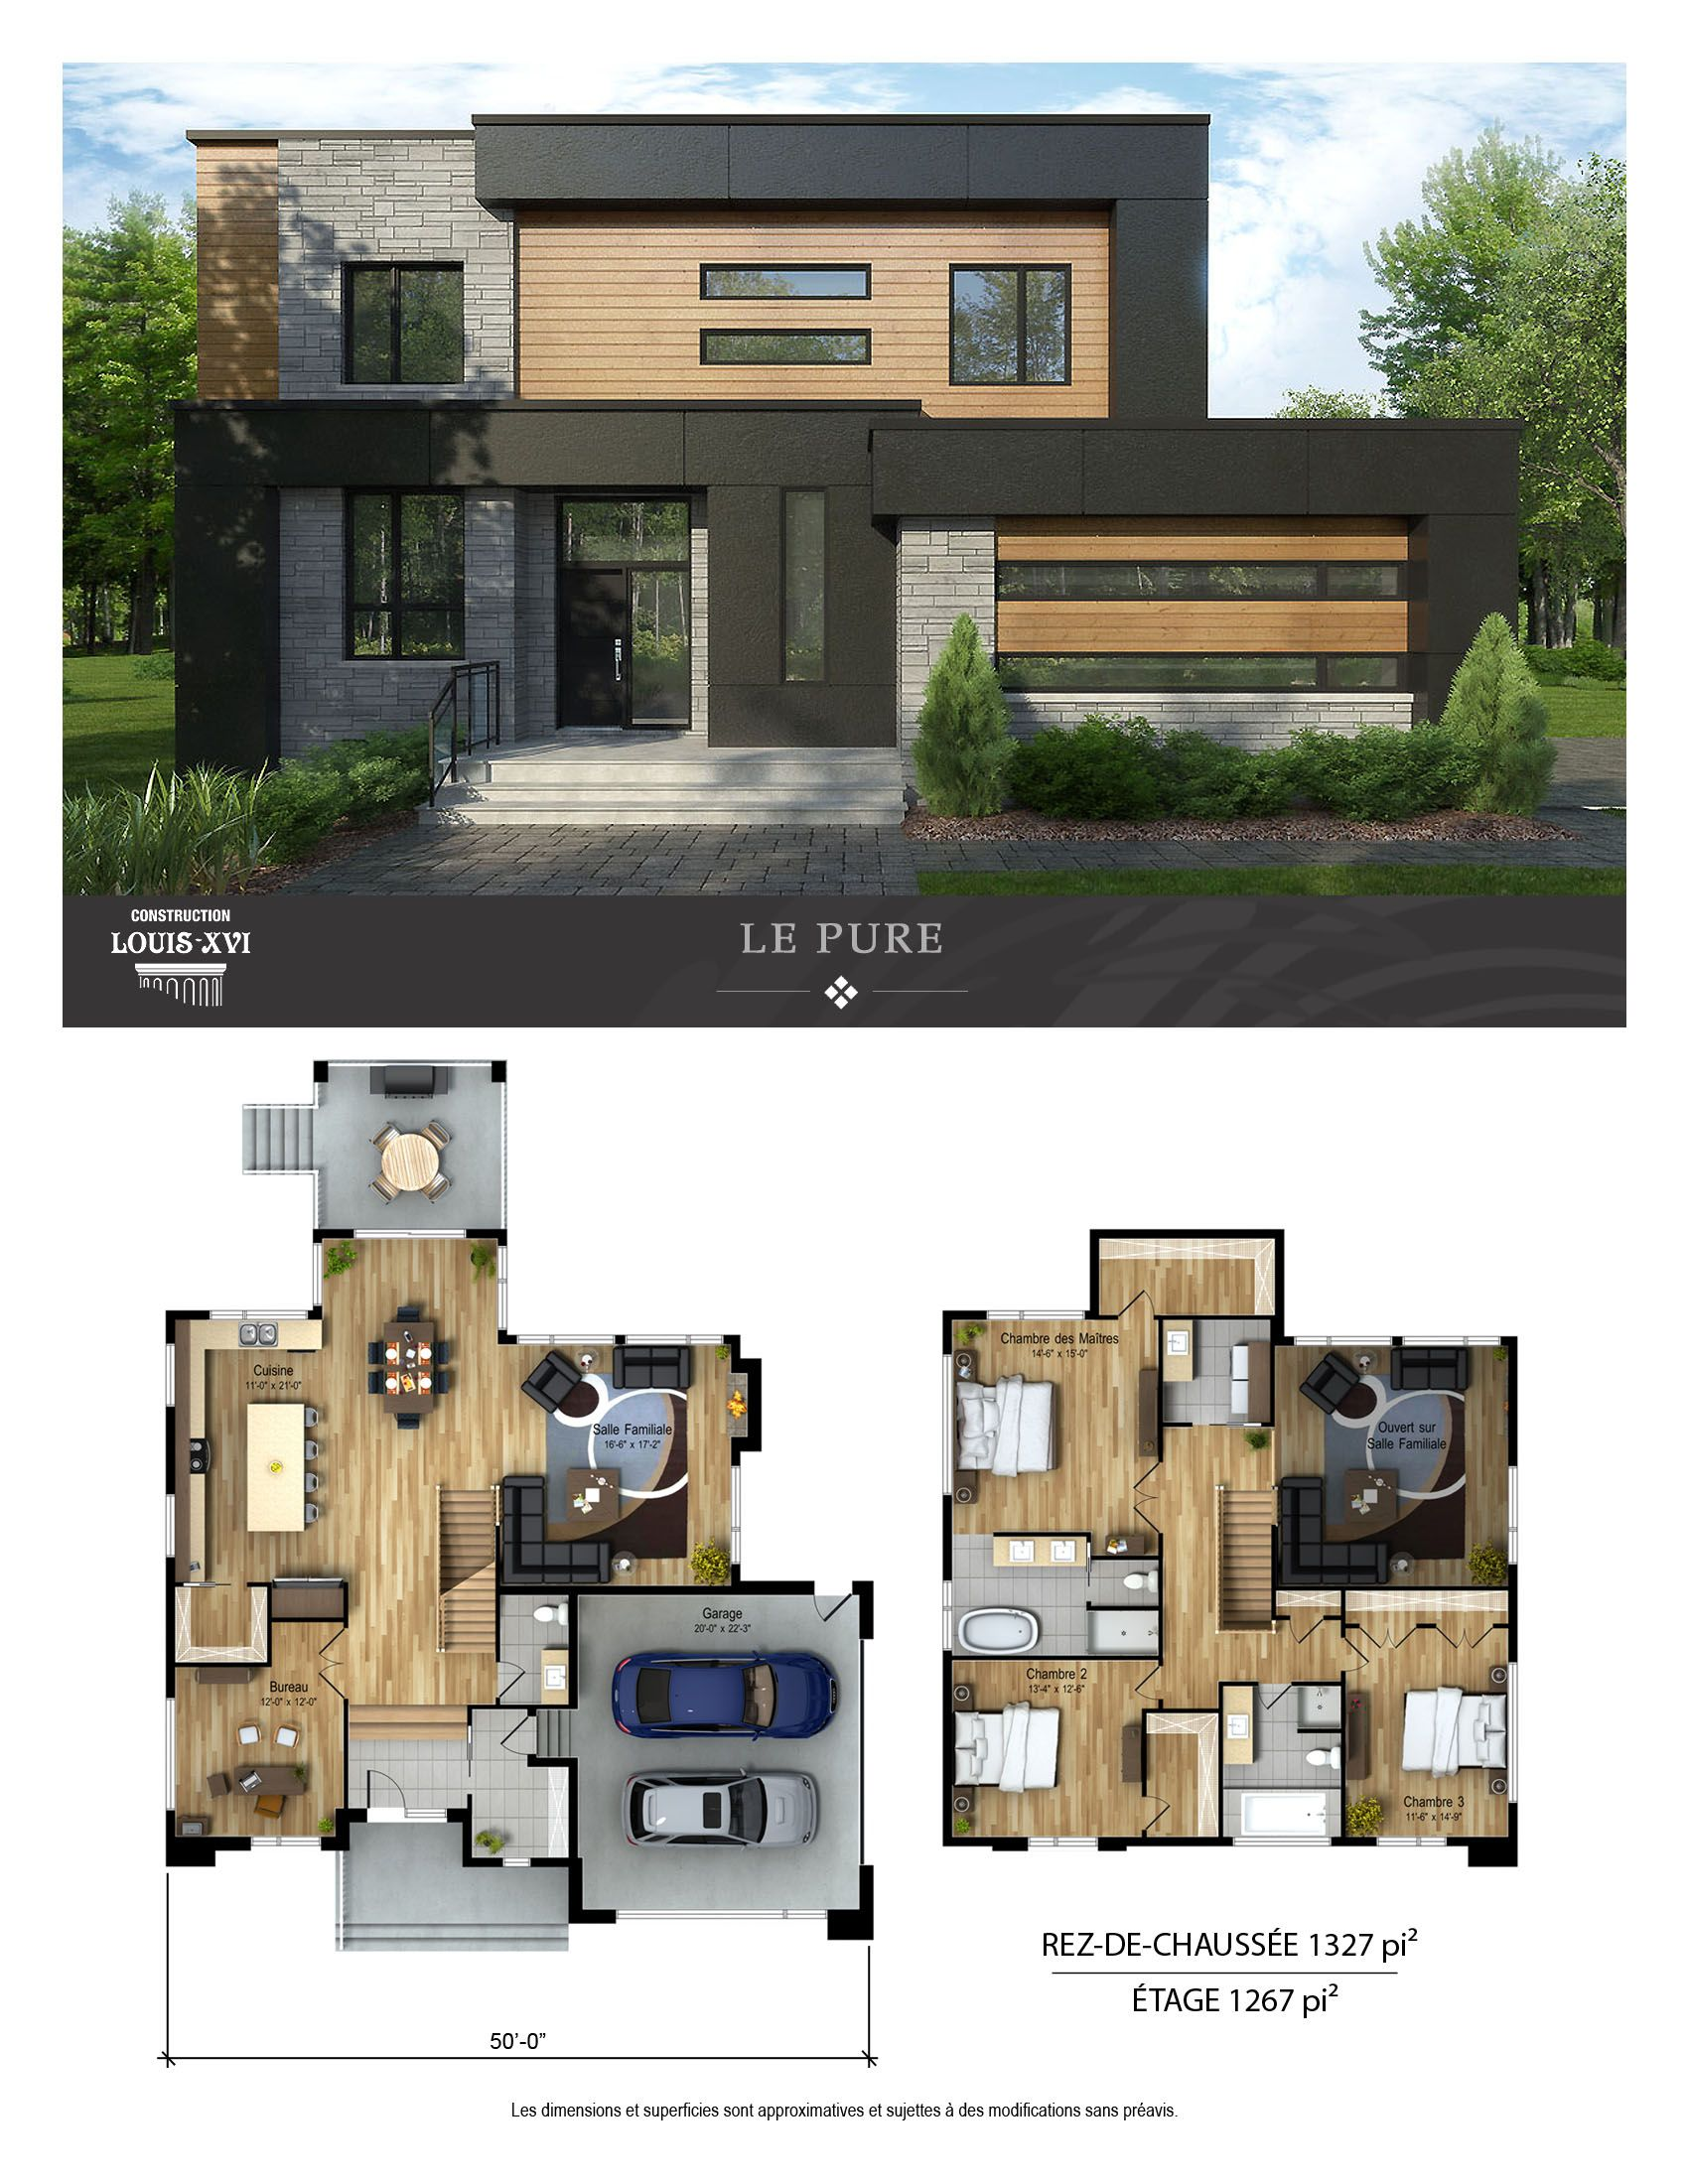 Maisons Neuves à Vendre à Blainville Le Quartier Chambéry Louis Seize Maisons Neuves Maison Préfabriquée Plan Maison Architecte